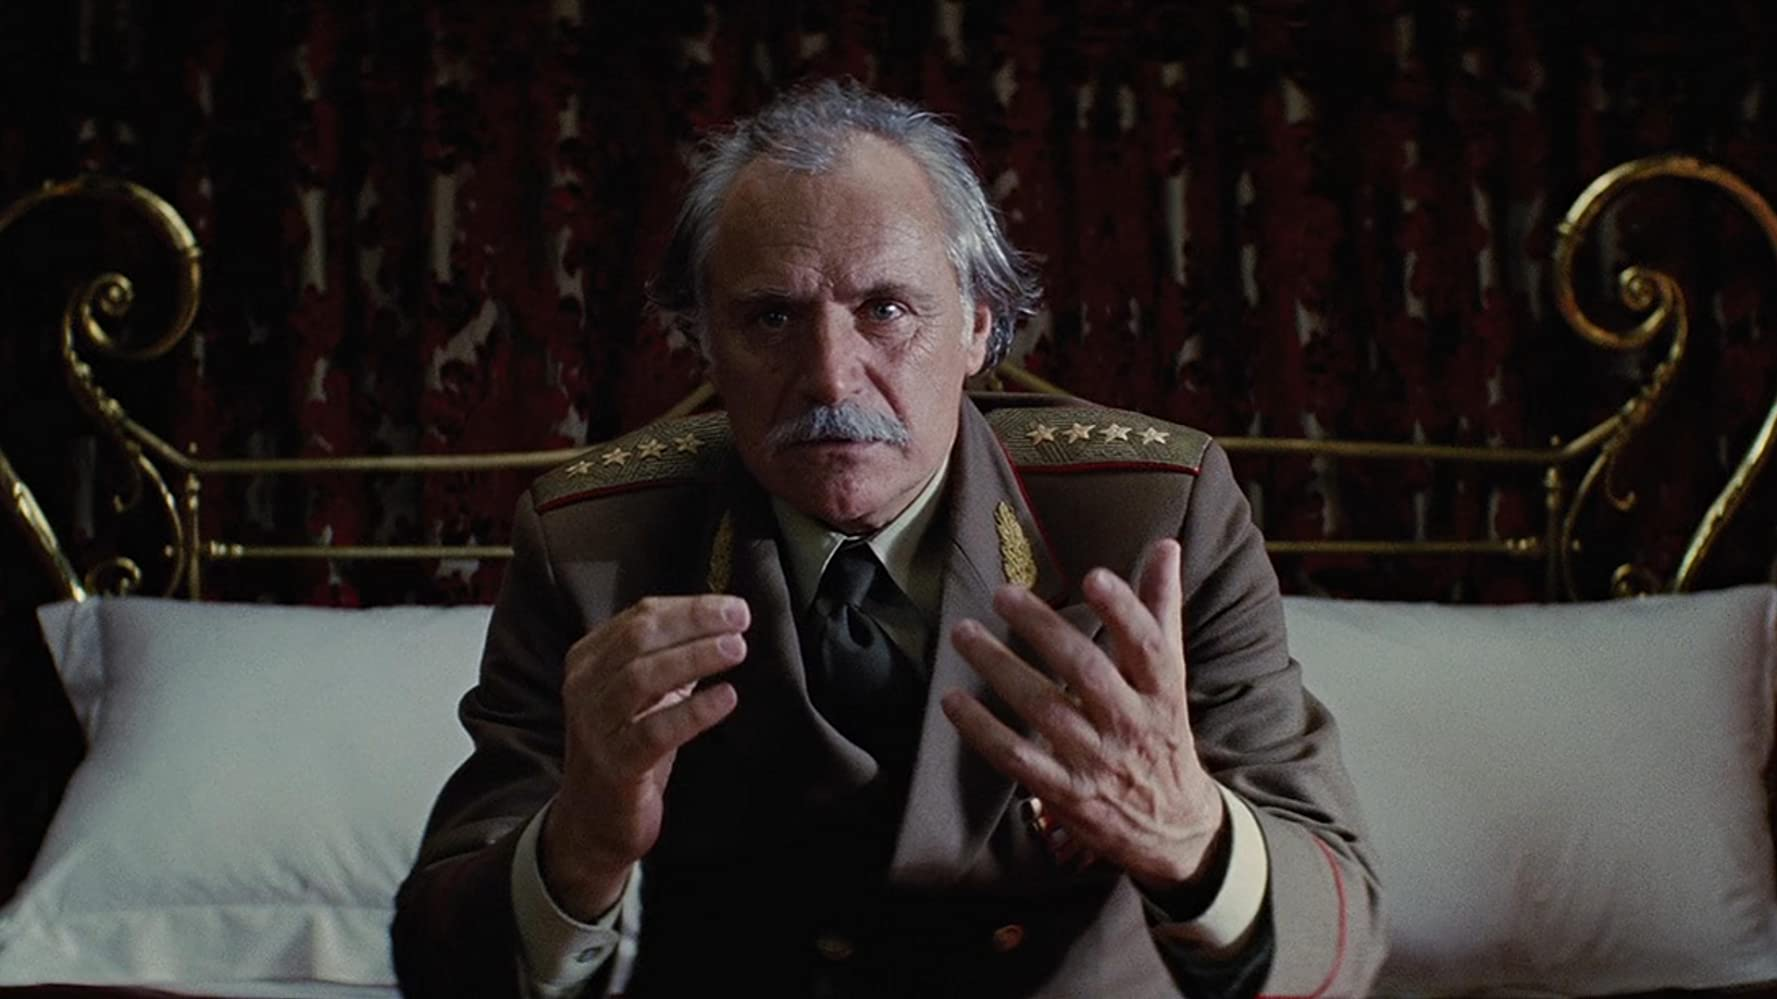 بدین بهانه در ادامه این مطلب قصد داریم شما را با 12 مورد از ترسناک ترین و بیرحمانه ترین انتقام های تاریخ سینما آشنا کنیم.